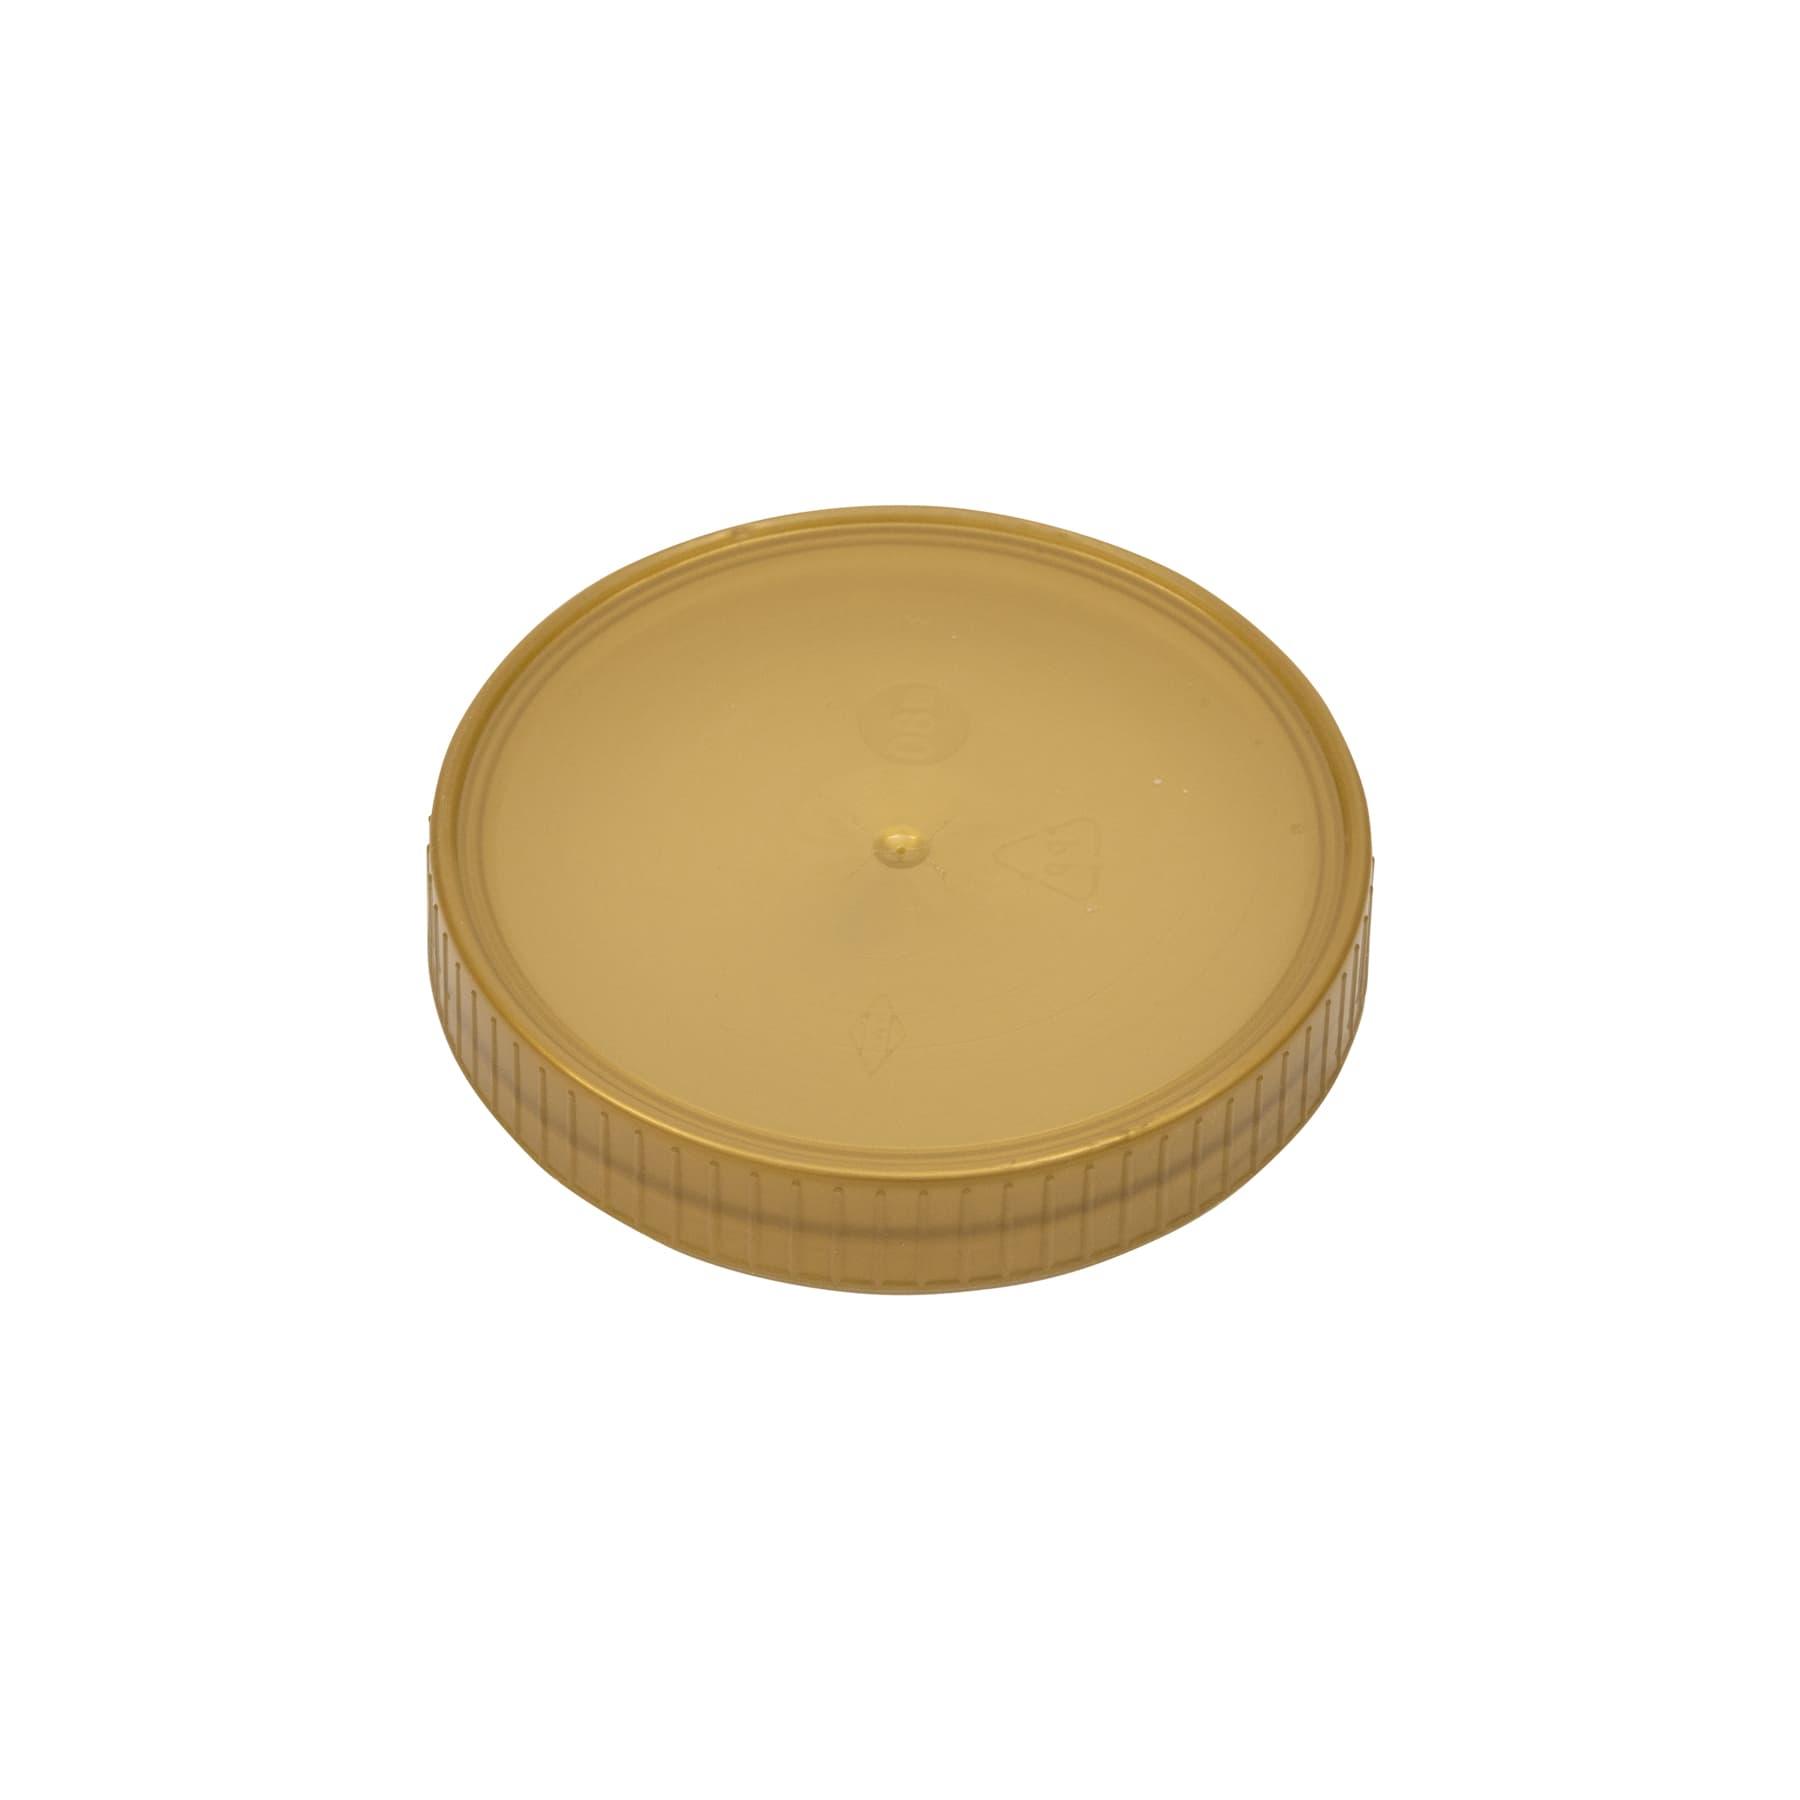 Schraubdeckel Kunststoff 80 mm, gold